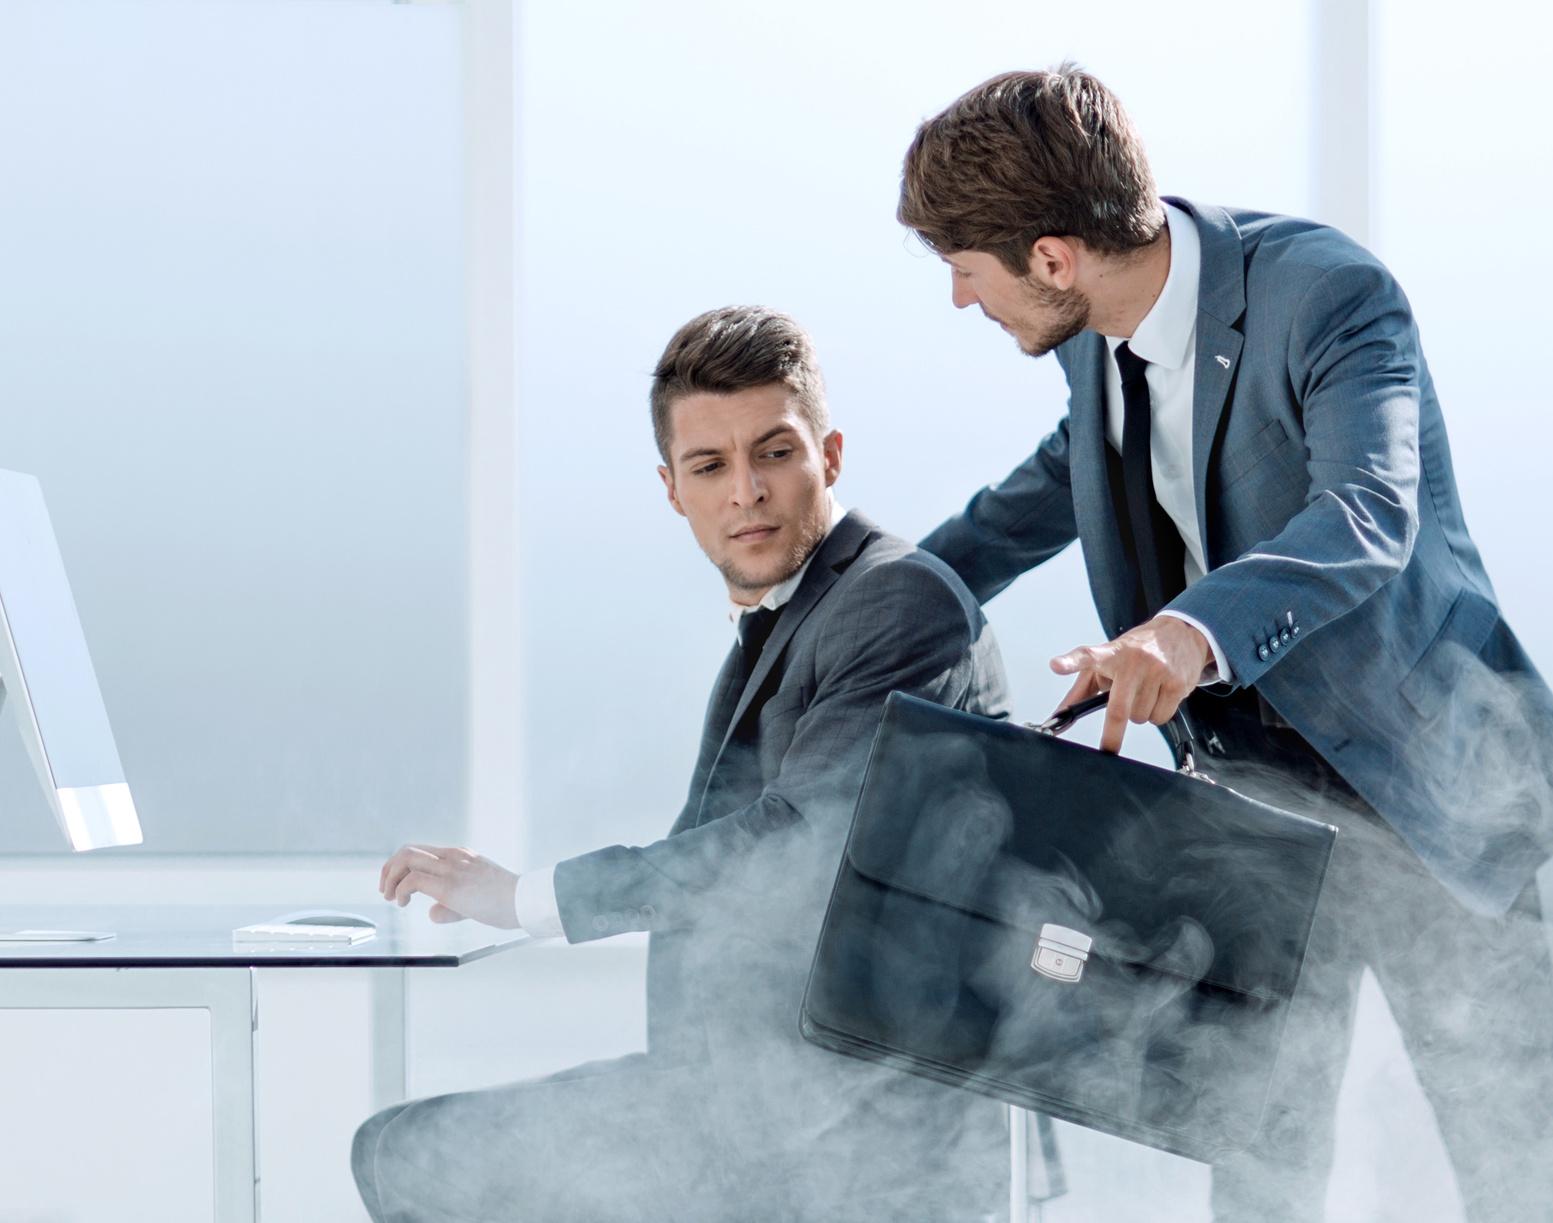 Wann brauchen wir einen Evakuierungshelfer im Unternehmen?